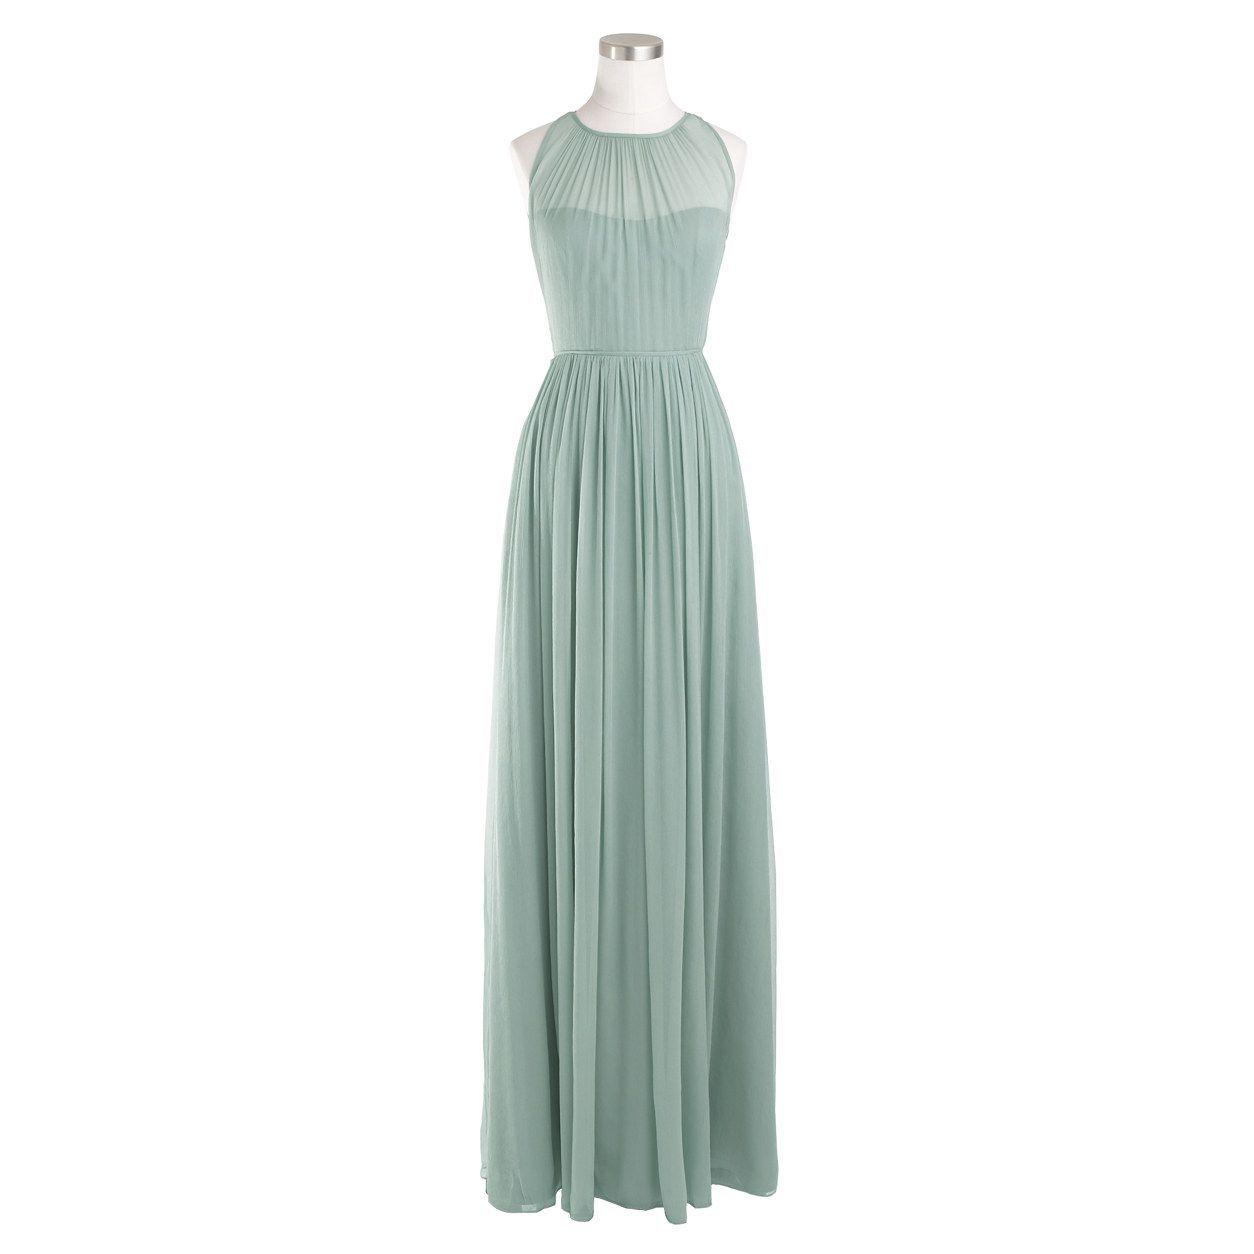 Megan long dress in silk chiffon : silk chiffon | J.Crew For Mom 365 ...